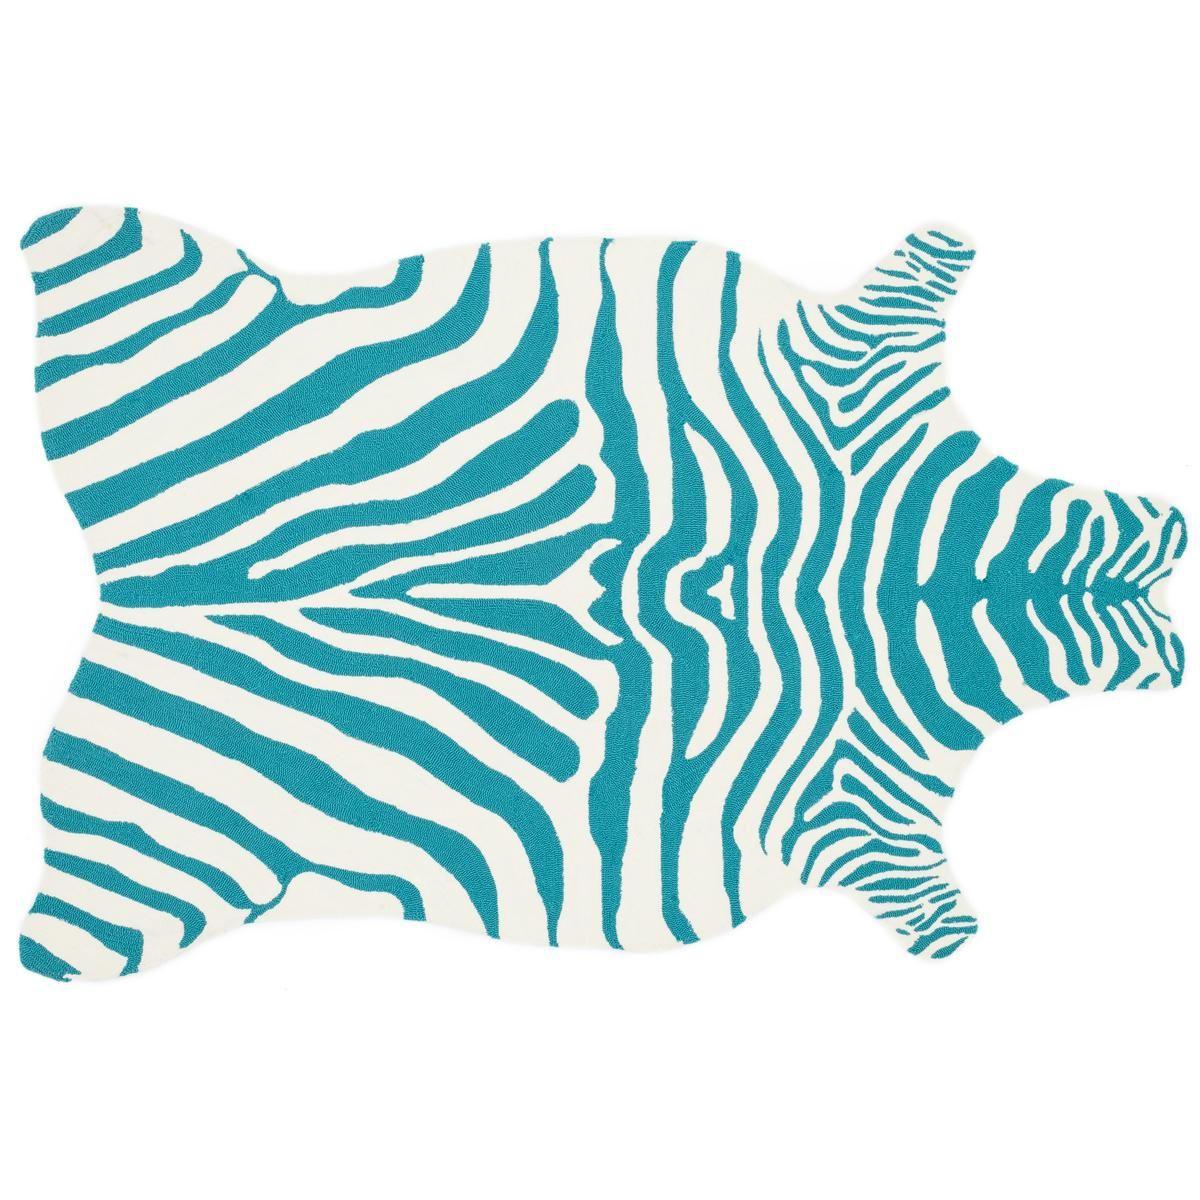 Girly Rugs For Bedroom: Hooked Zebra Indoor/Outdoor Rug